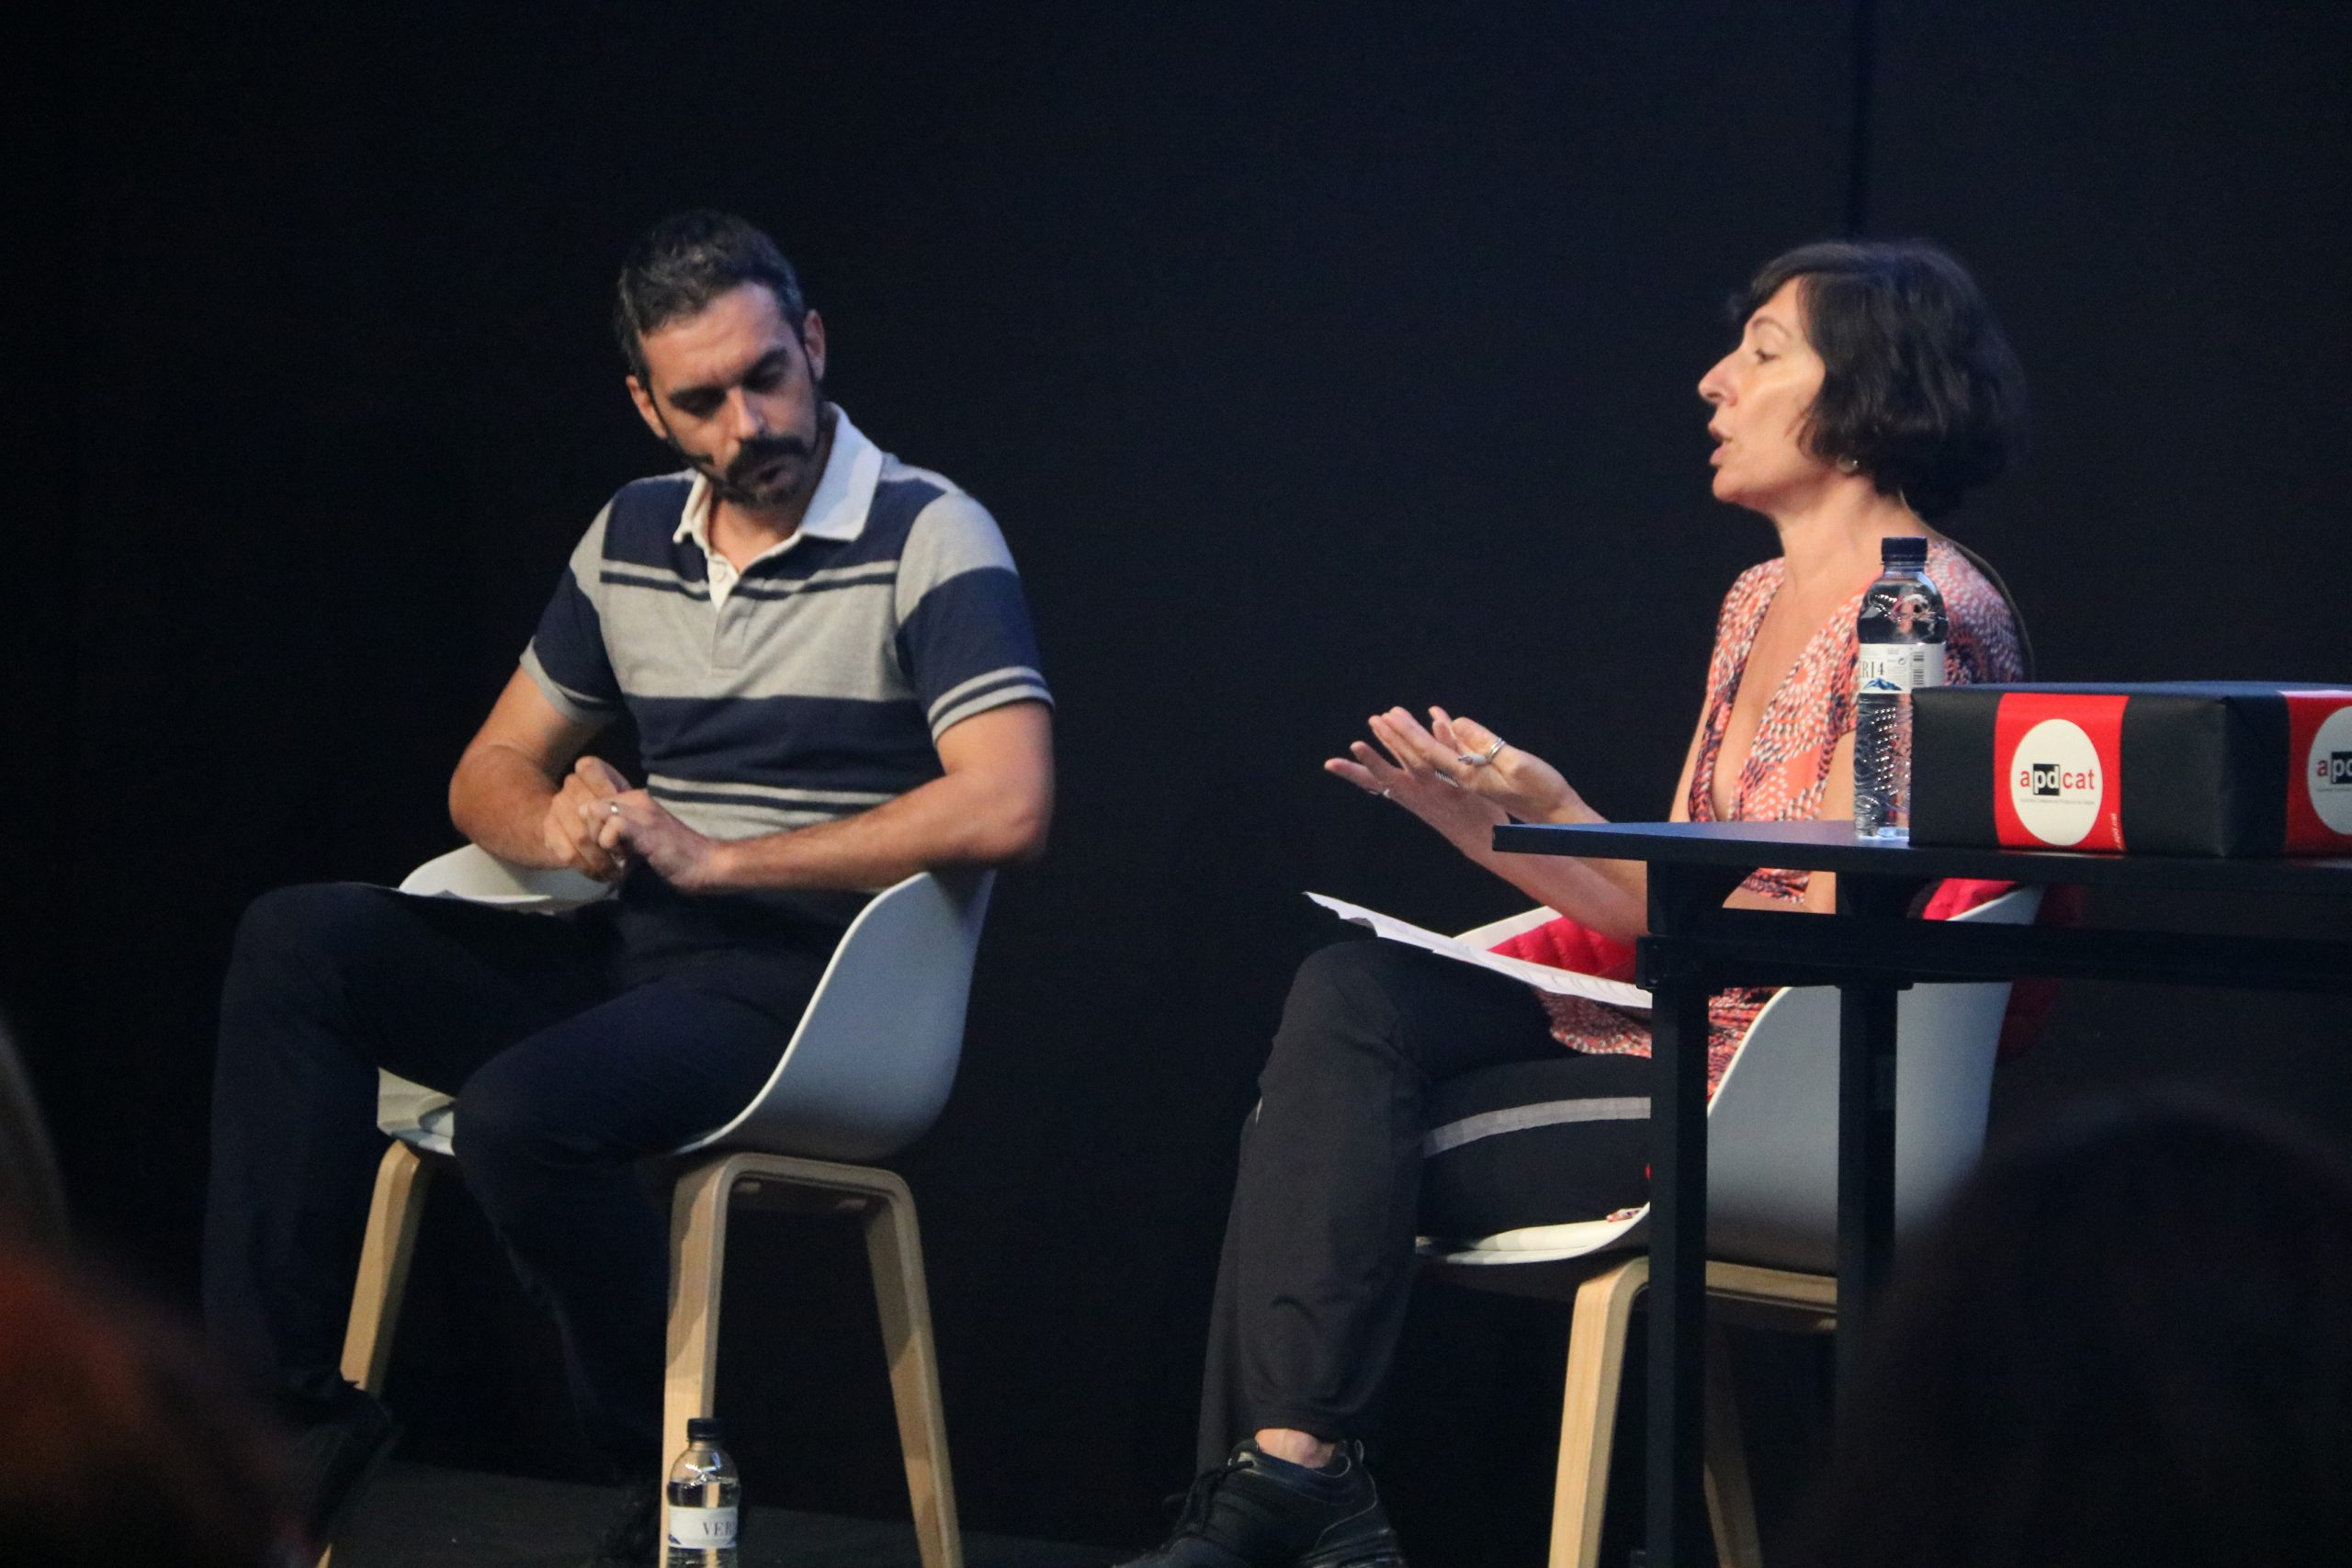 El CTO de Herta Security, Carles Fernández, i de la coordinadora de Xnet, Simona Levi, durant el debat sobre els riscos de la tecnologia de reconeixement facial | ACN